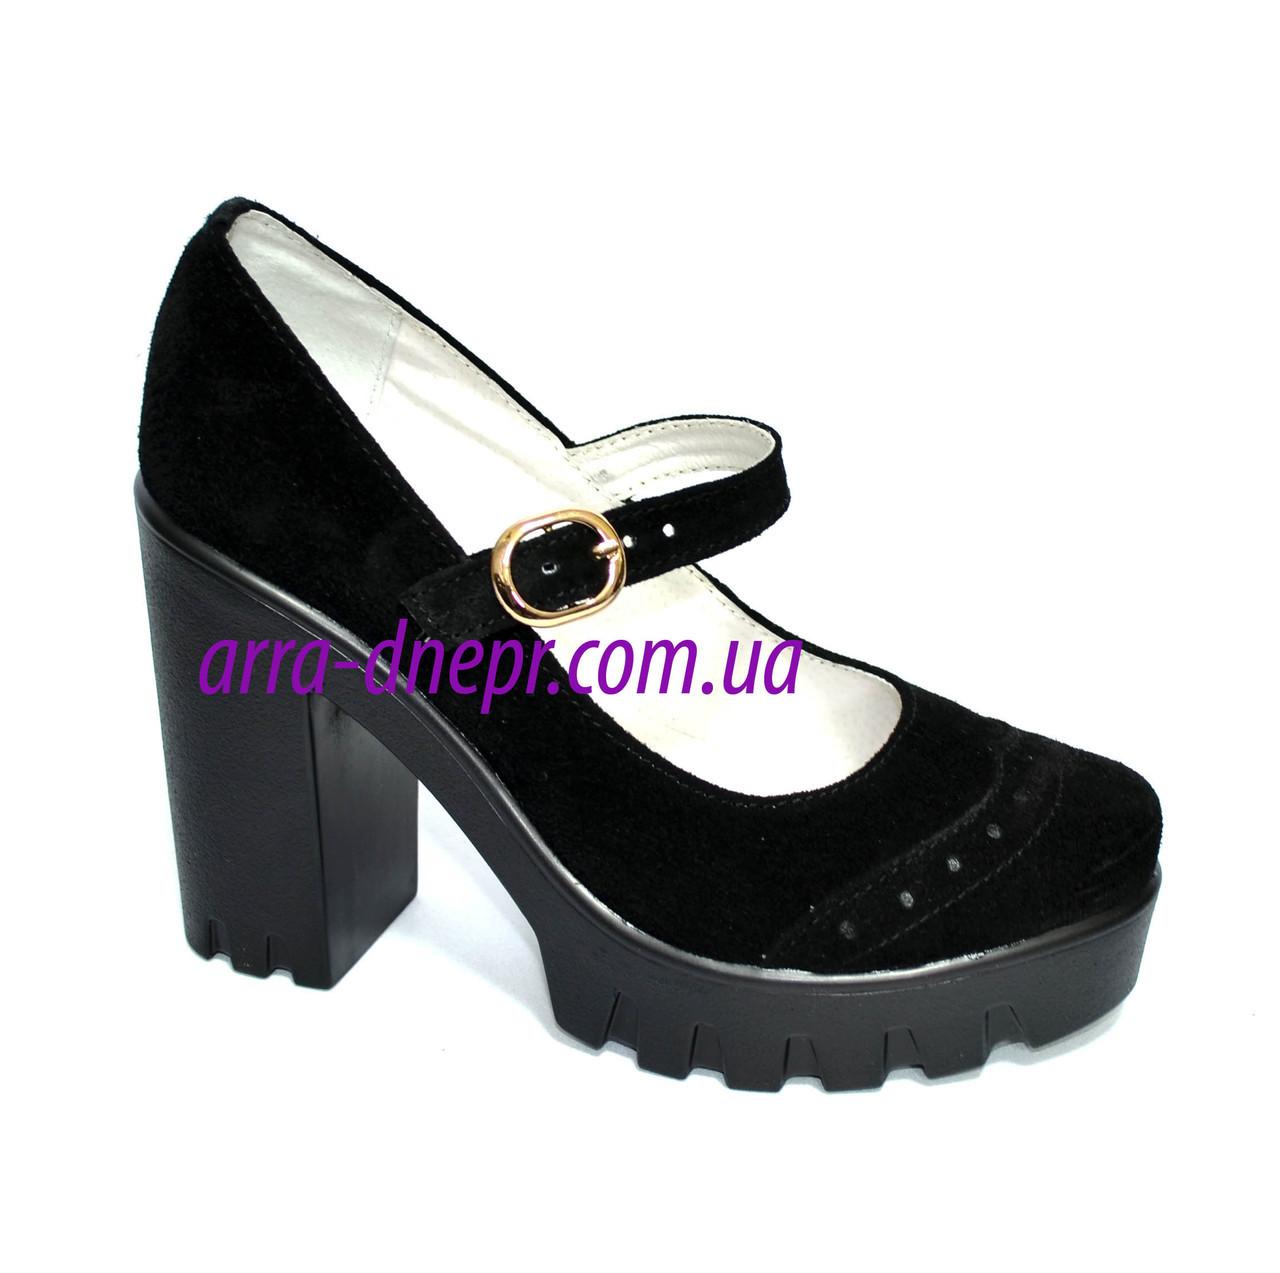 Женские замшевые туфли на тракторной подошве